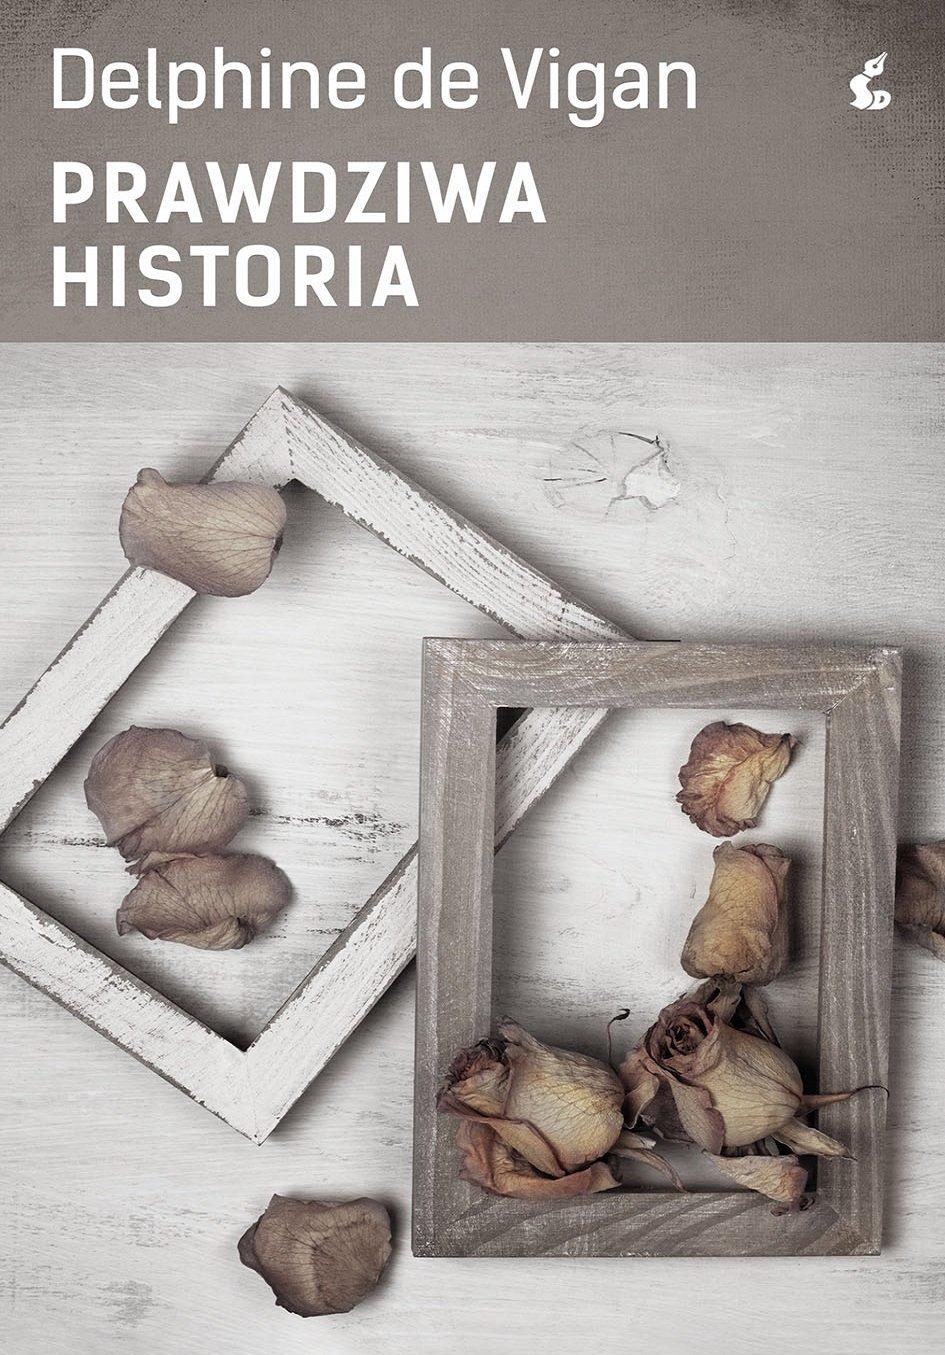 Prawdziwa historia - Ebook (Książka na Kindle) do pobrania w formacie MOBI